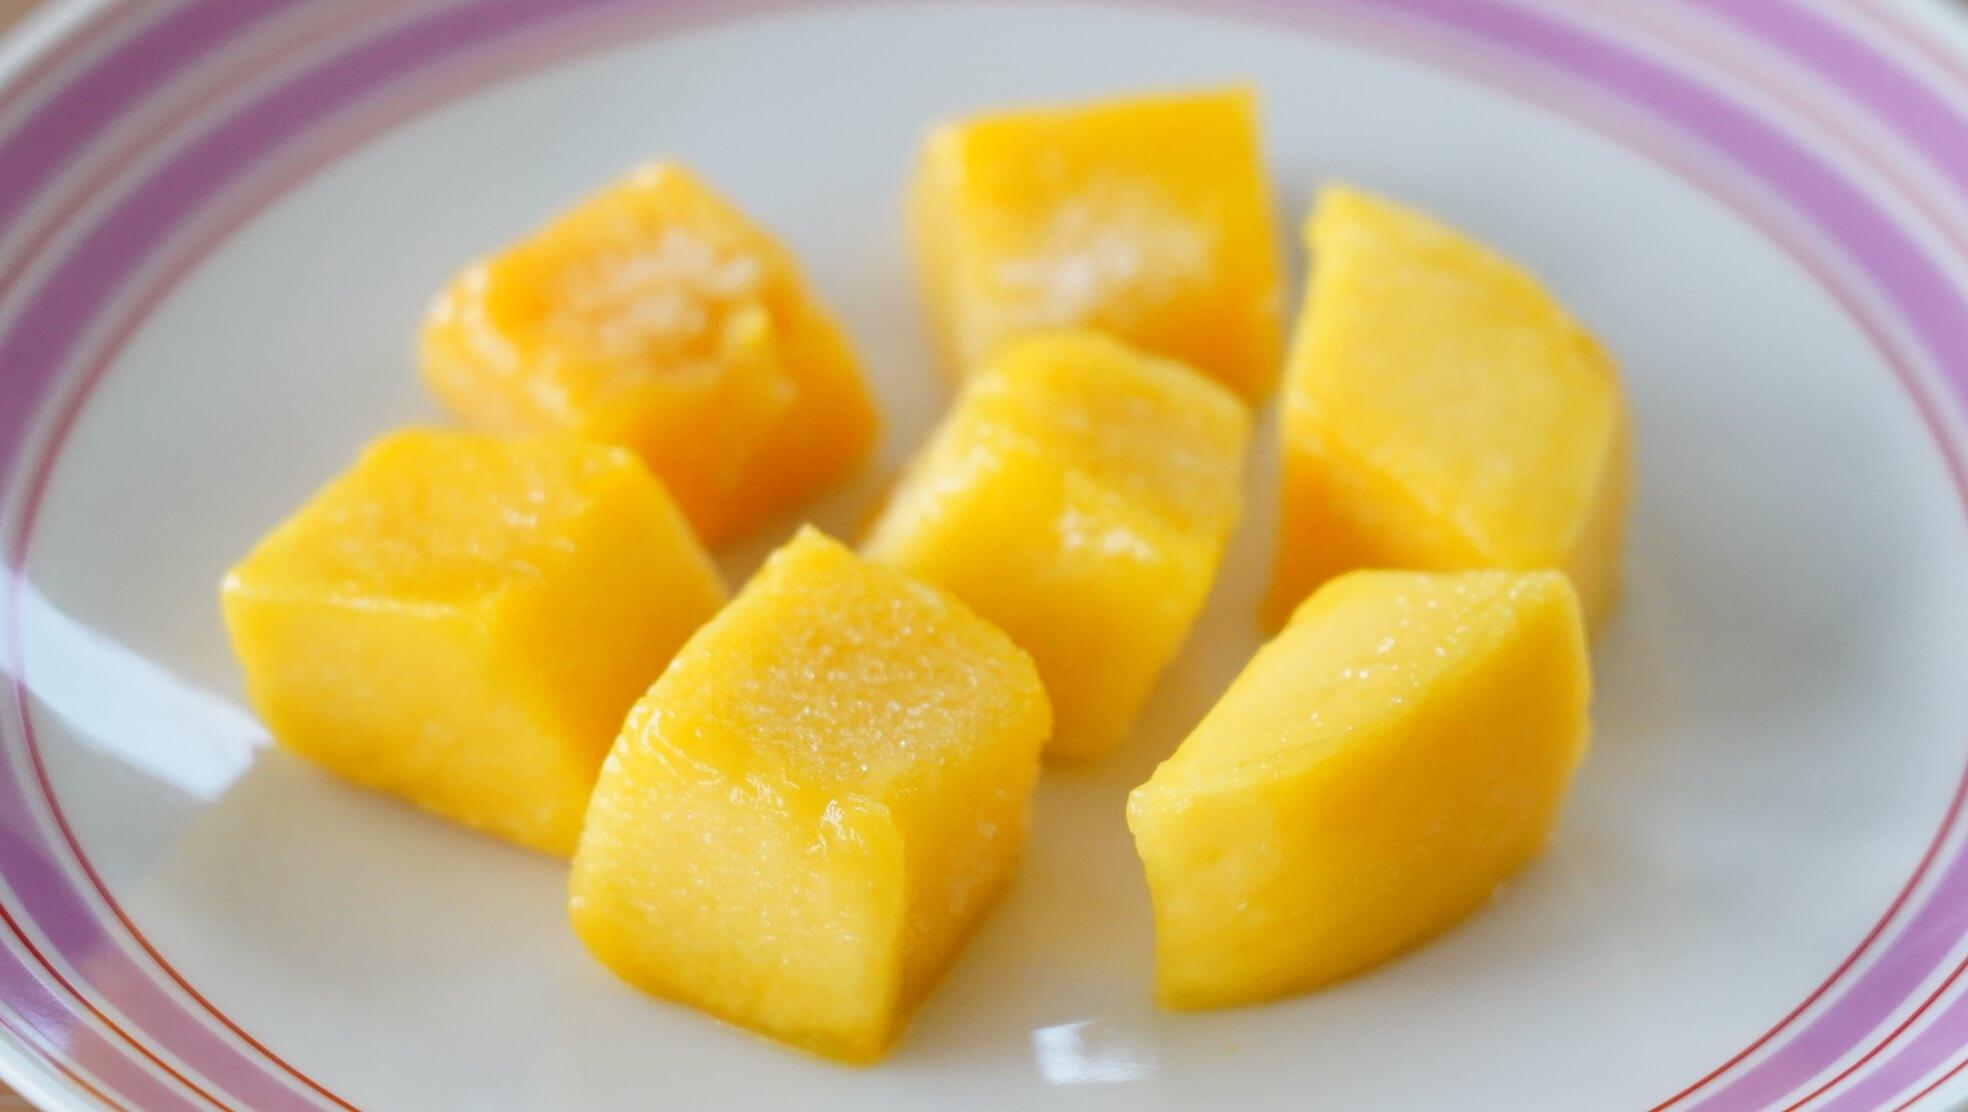 解凍したコストコの冷凍マンゴー「トロピカルマリア・マンゴーチャンク」を皿に盛りつけた写真